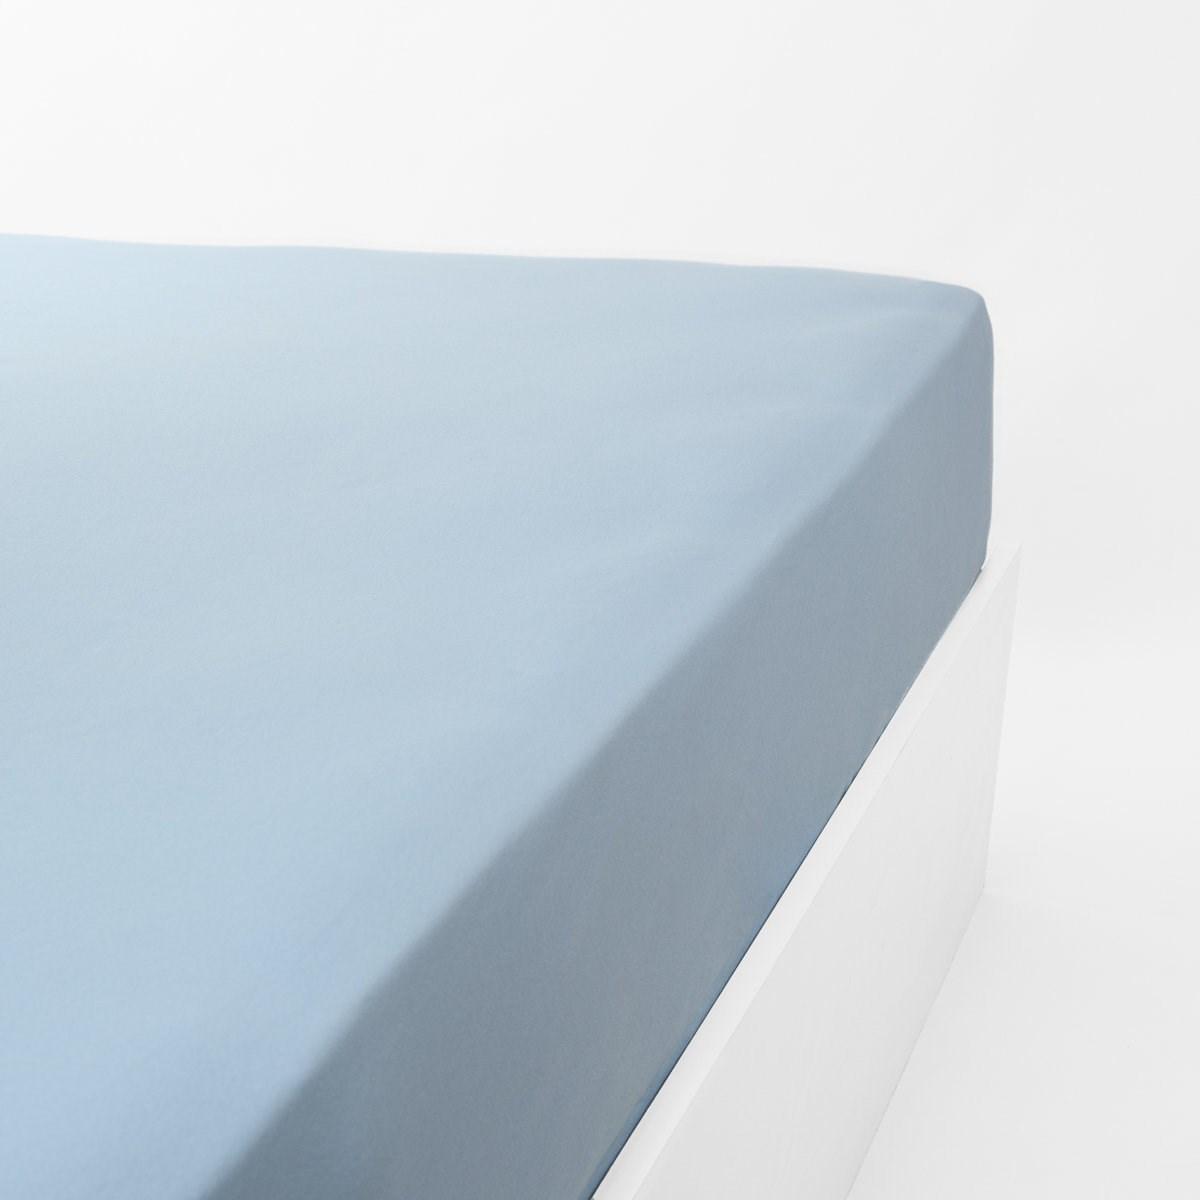 Drap housse jersey extensible en coton bleu clair 90x200 cm